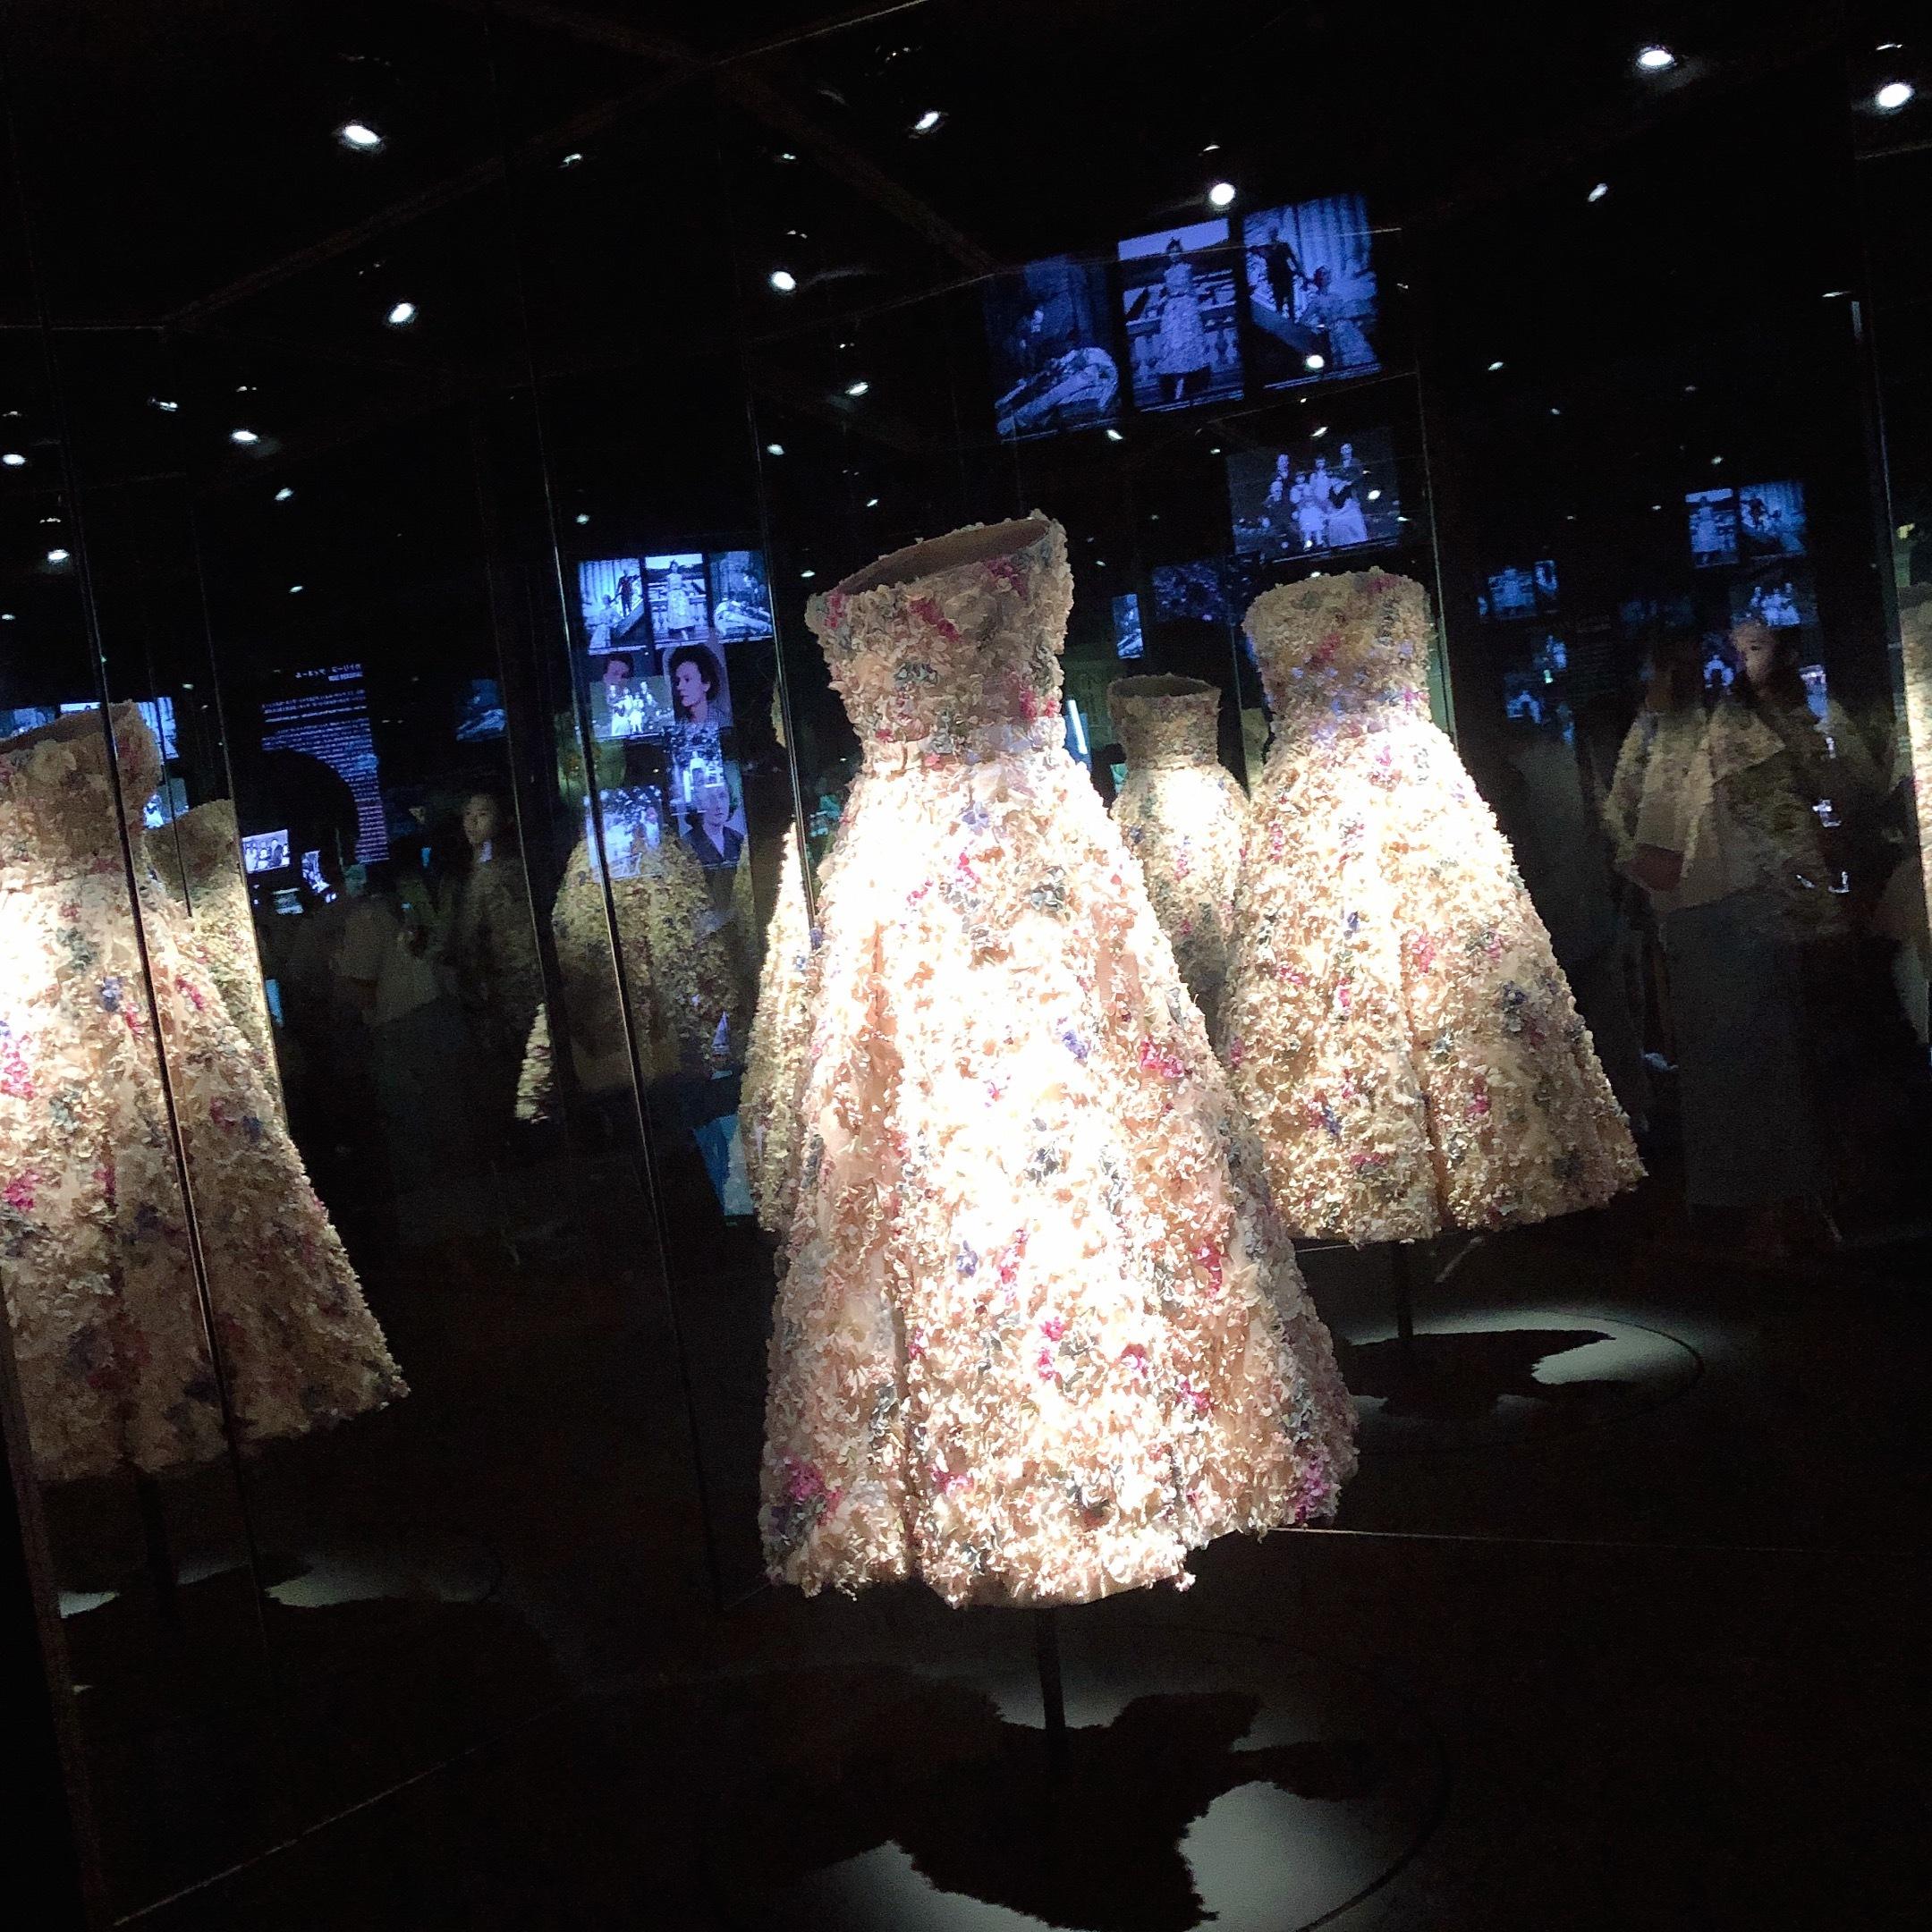 【入場無料!Dior展覧会】限定ポーチGET!限定コスメの発売も♡_1_2